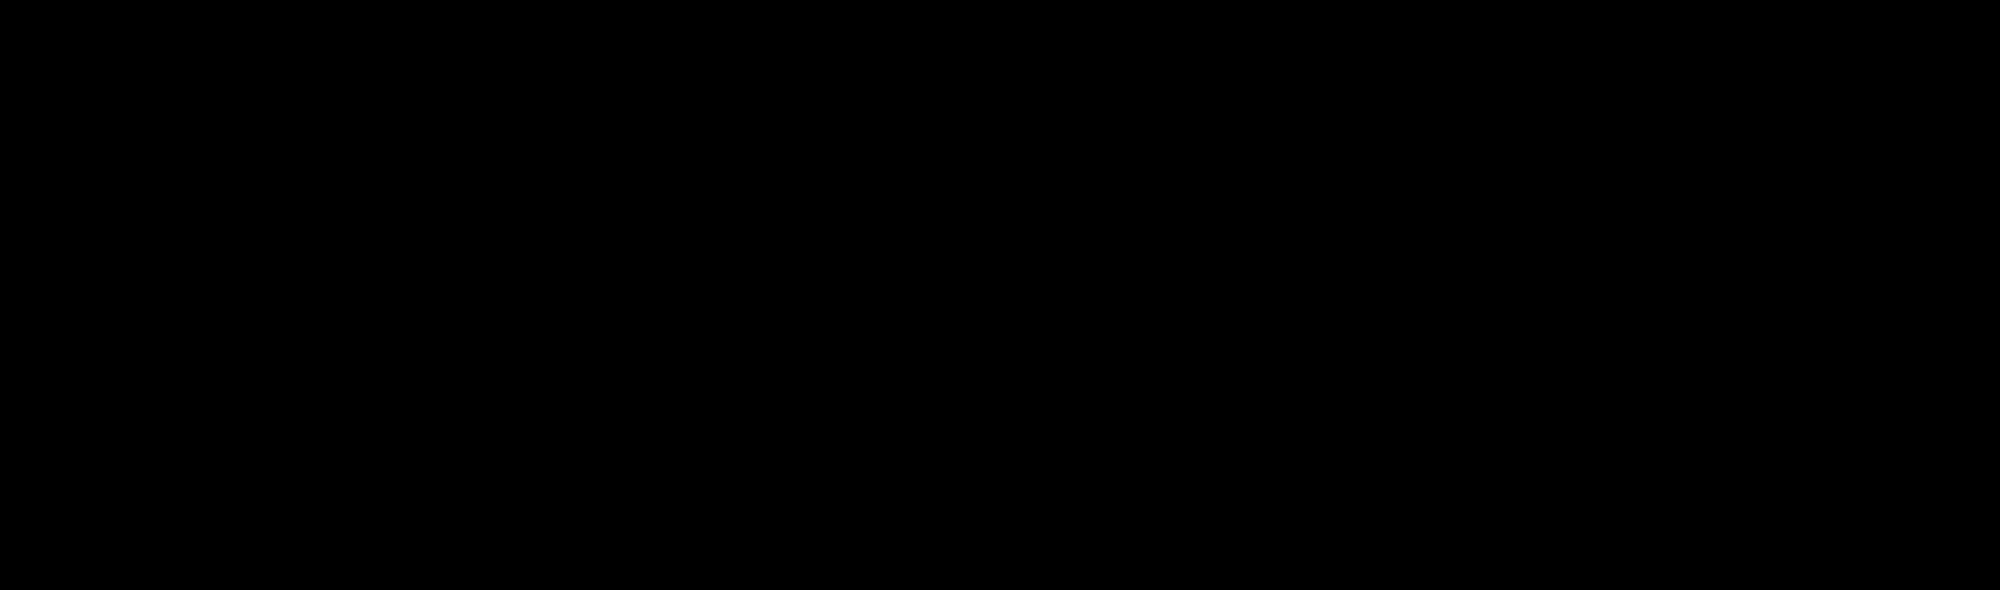 GREENE MEANS GO GARAGE-logo-black.png